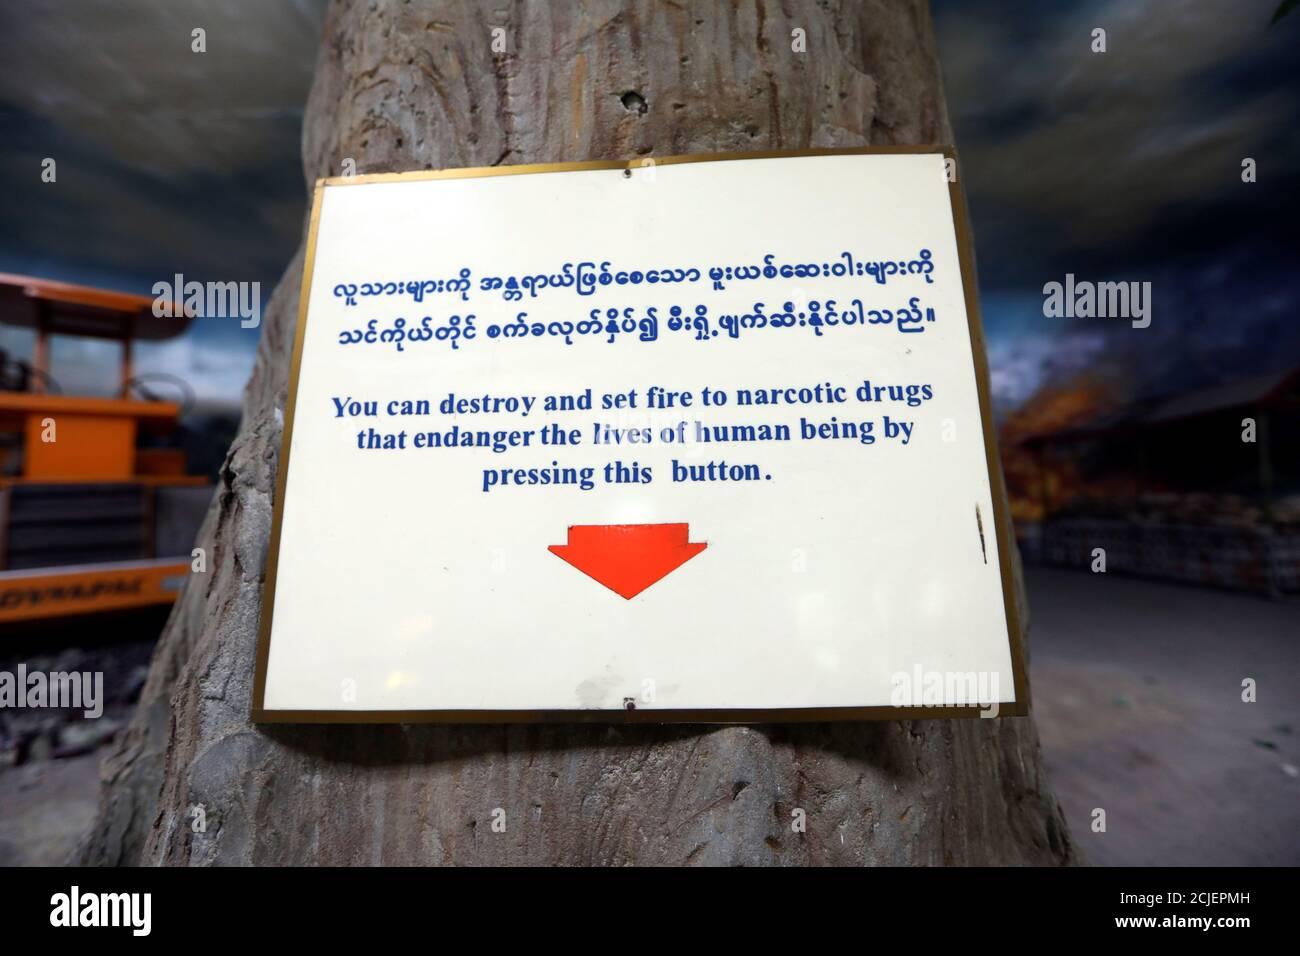 Un signo de una exposición interactiva se ve en el Museo de Eliminación de Drogas en Yangon, Myanmar 6 de noviembre de 2018. REUTERS/Ann Wang Foto de stock